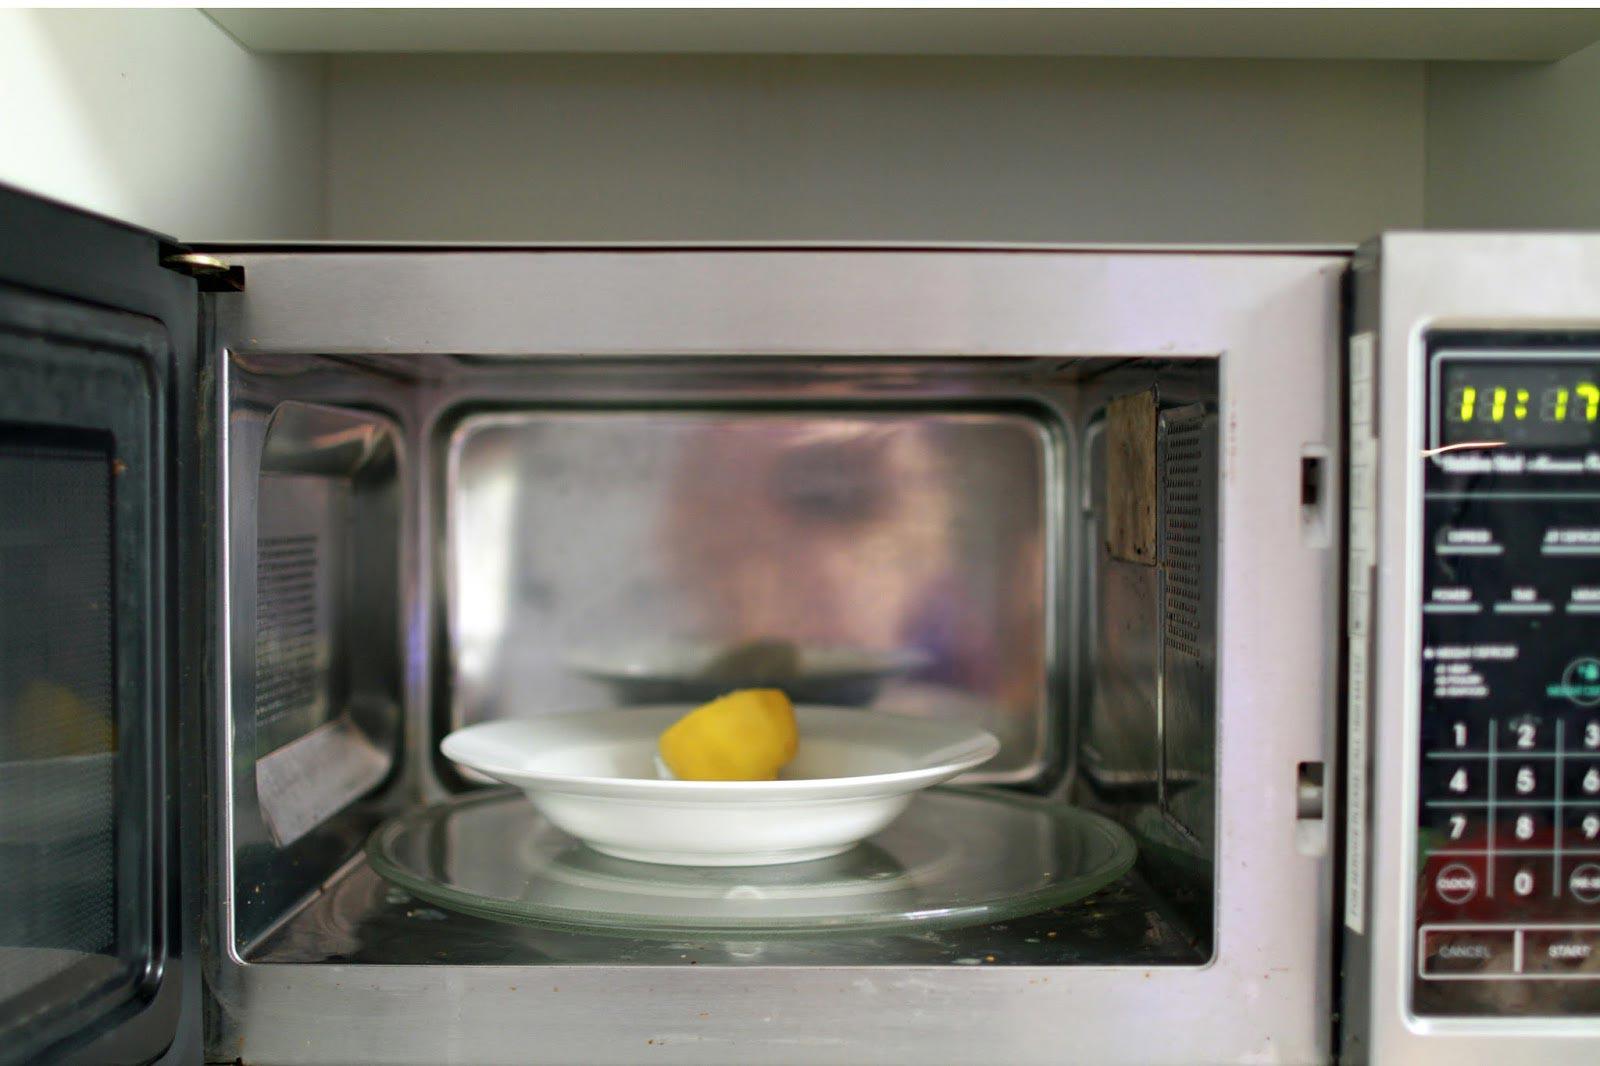 Безопасно ли стоять перед микроволновой печью? - hi-news.ru